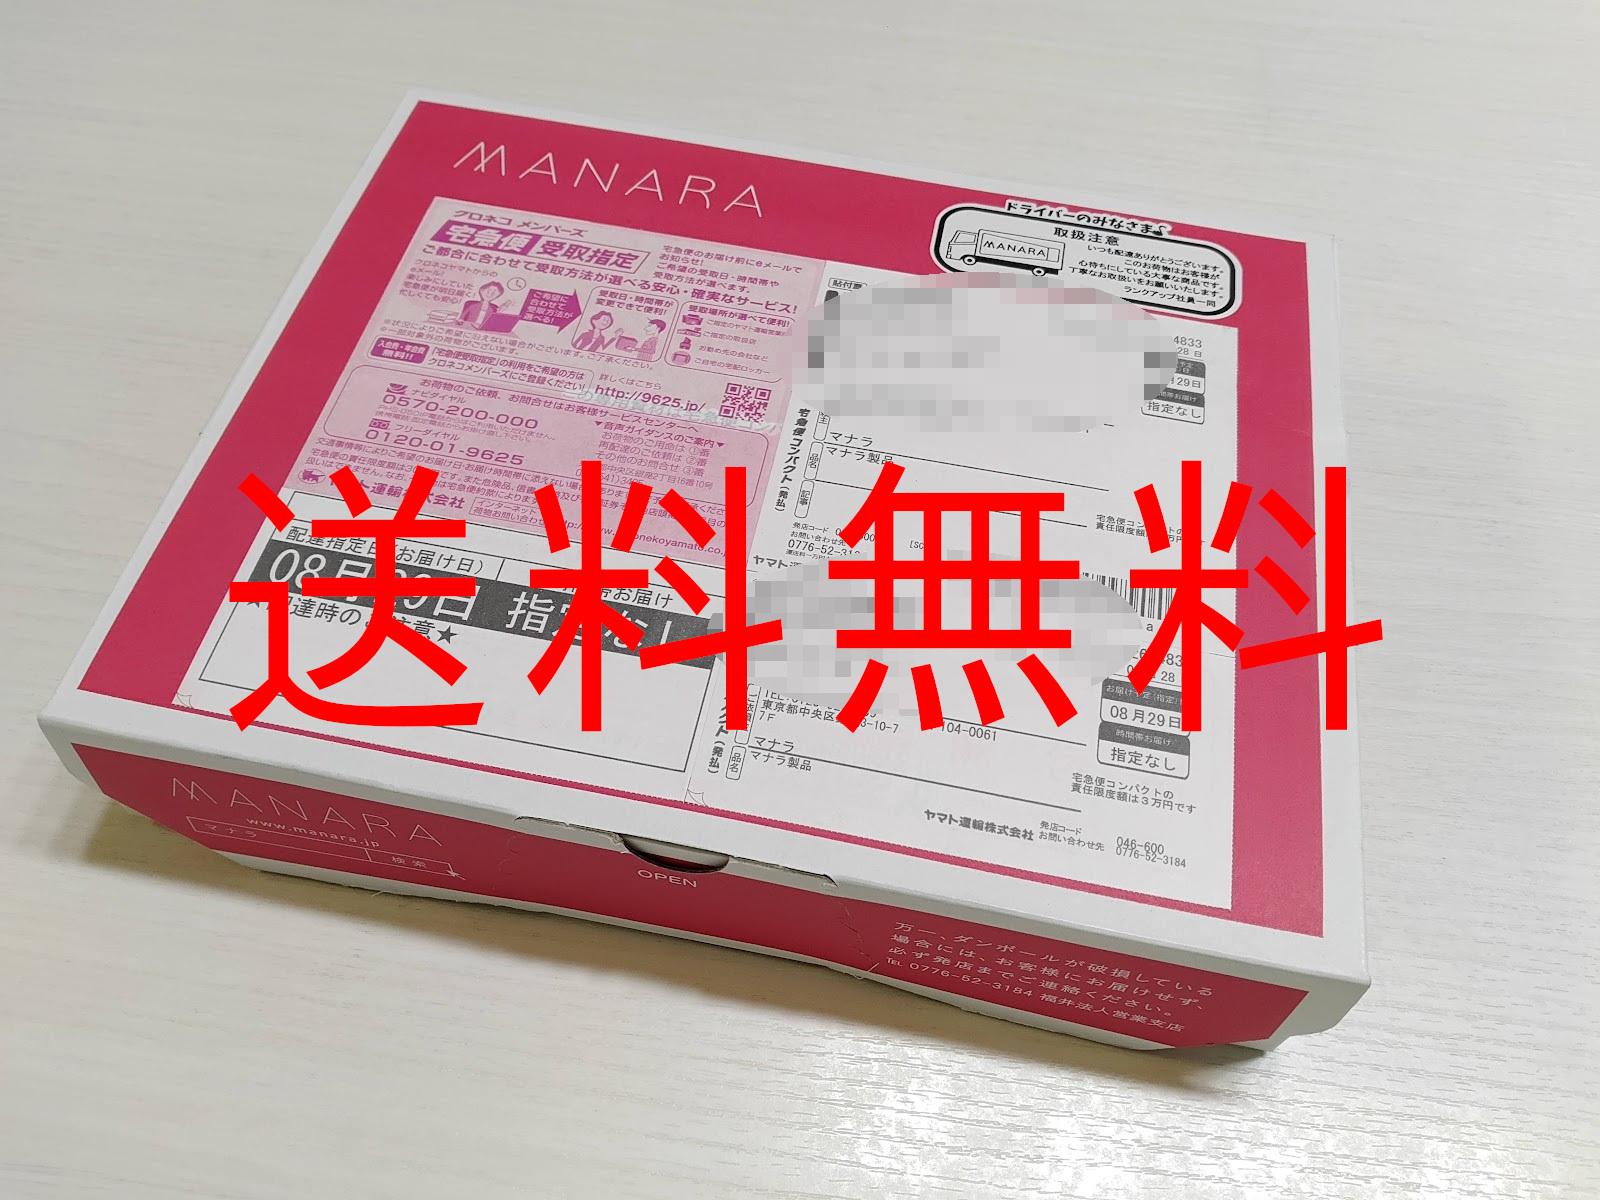 箱と送料無料の赤い文字